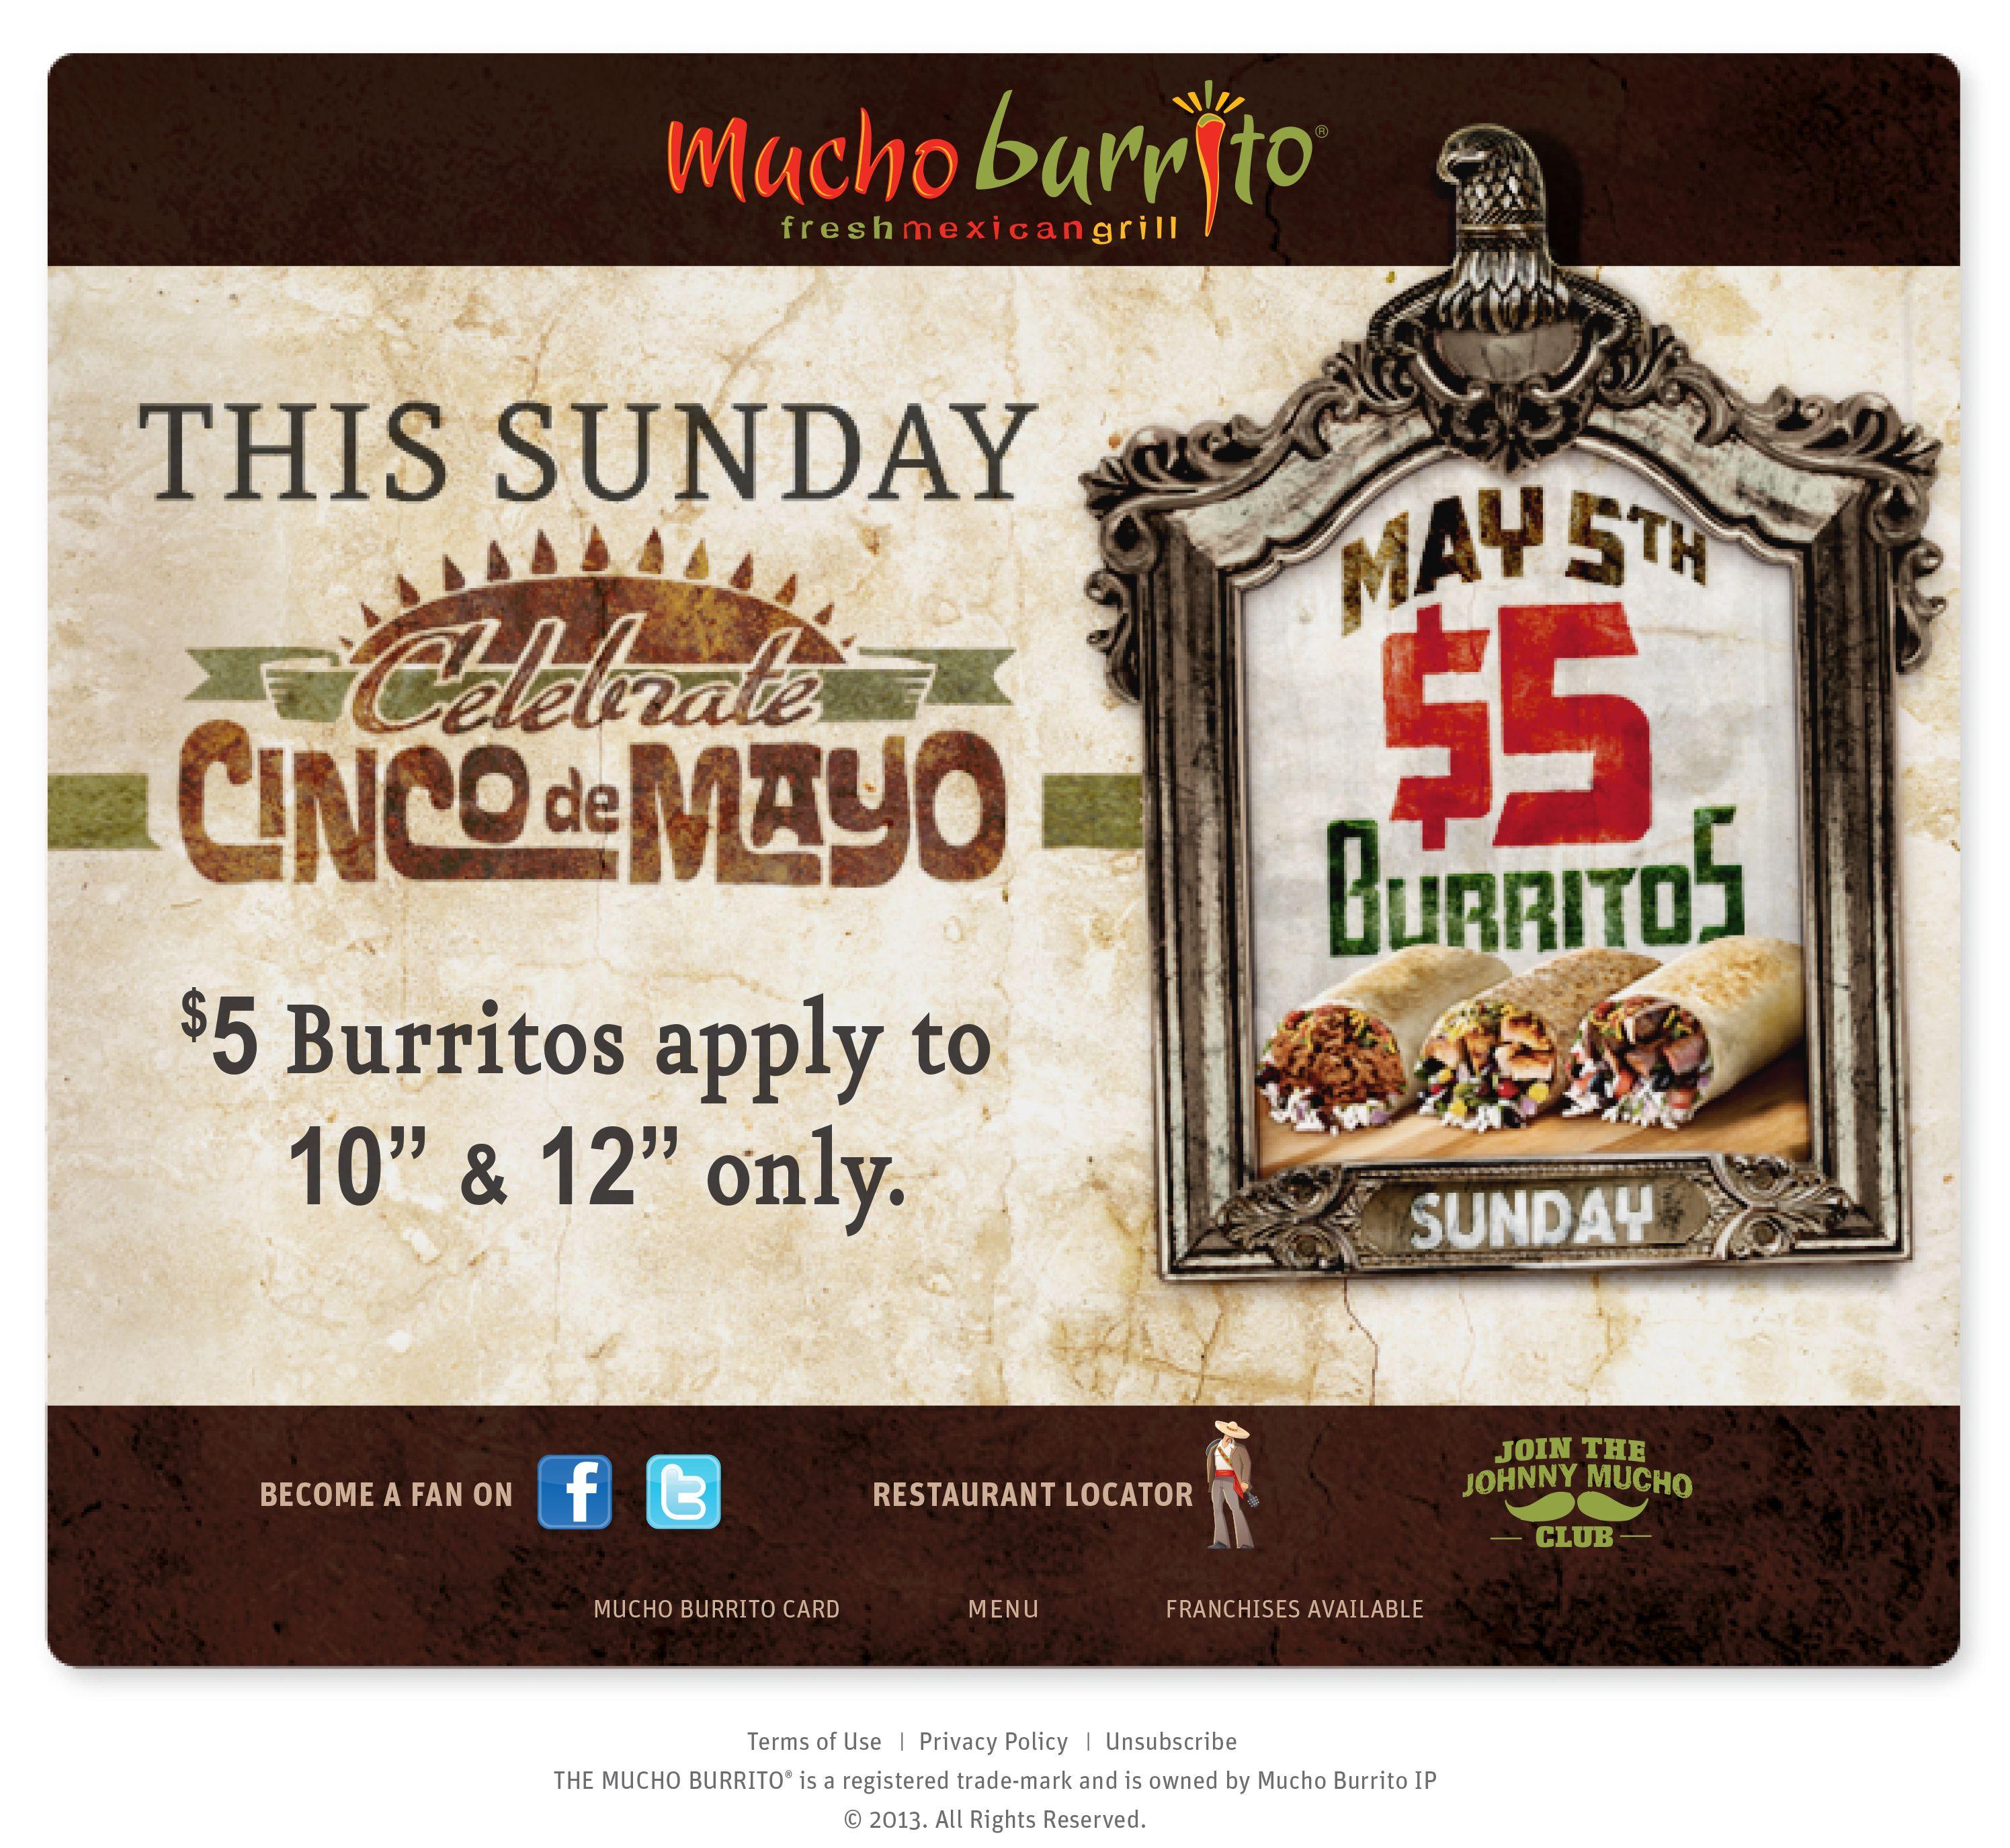 Mucho Burrito's Cinco de Mayo 2013 $5 Burritos #cincodemayo #mexican #burritos #muchoburrito